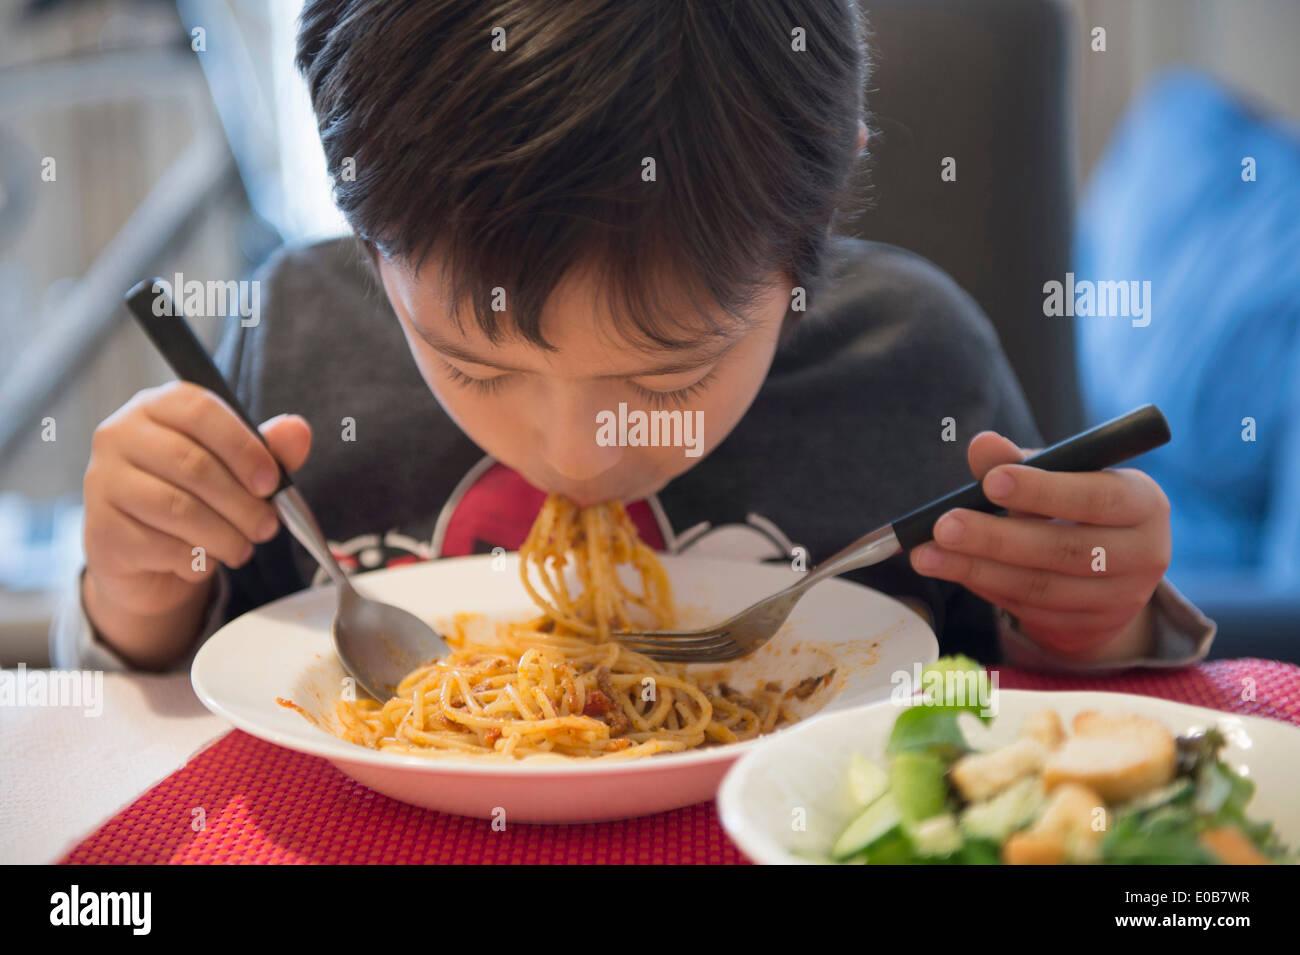 Junge, Spaghetti-Essen Stockbild